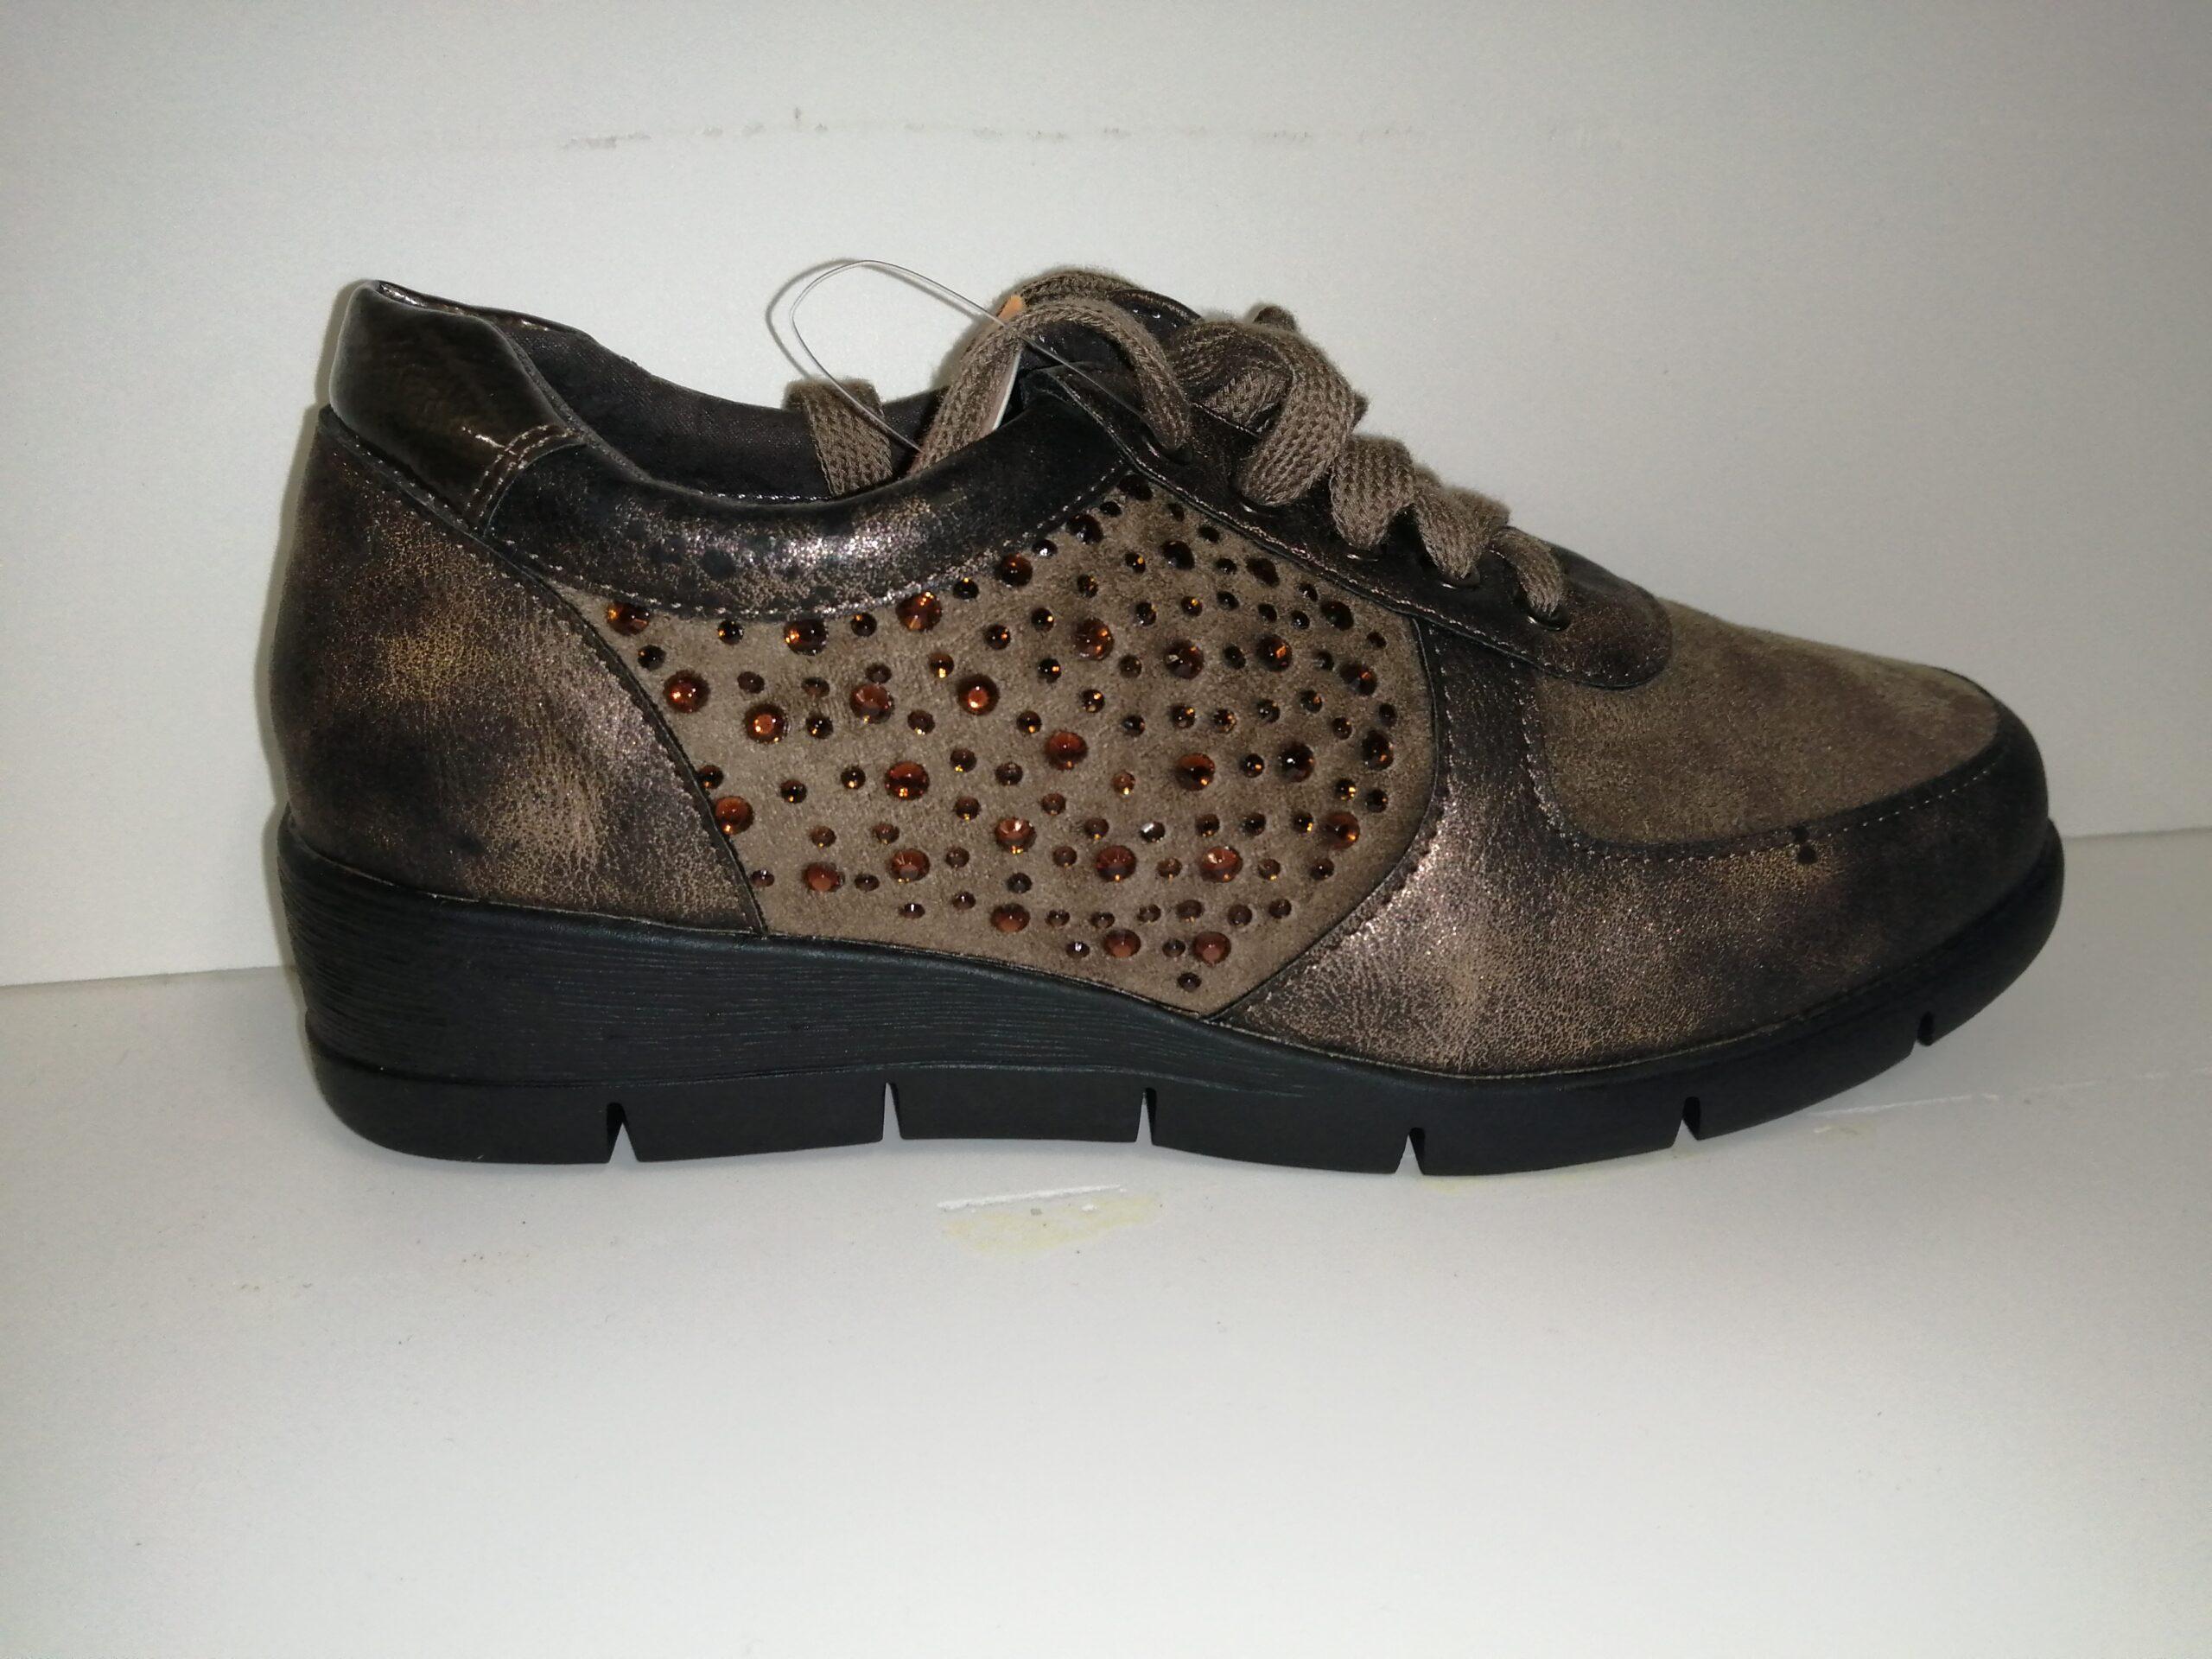 Zapato cordones sra marrón ABZ11063